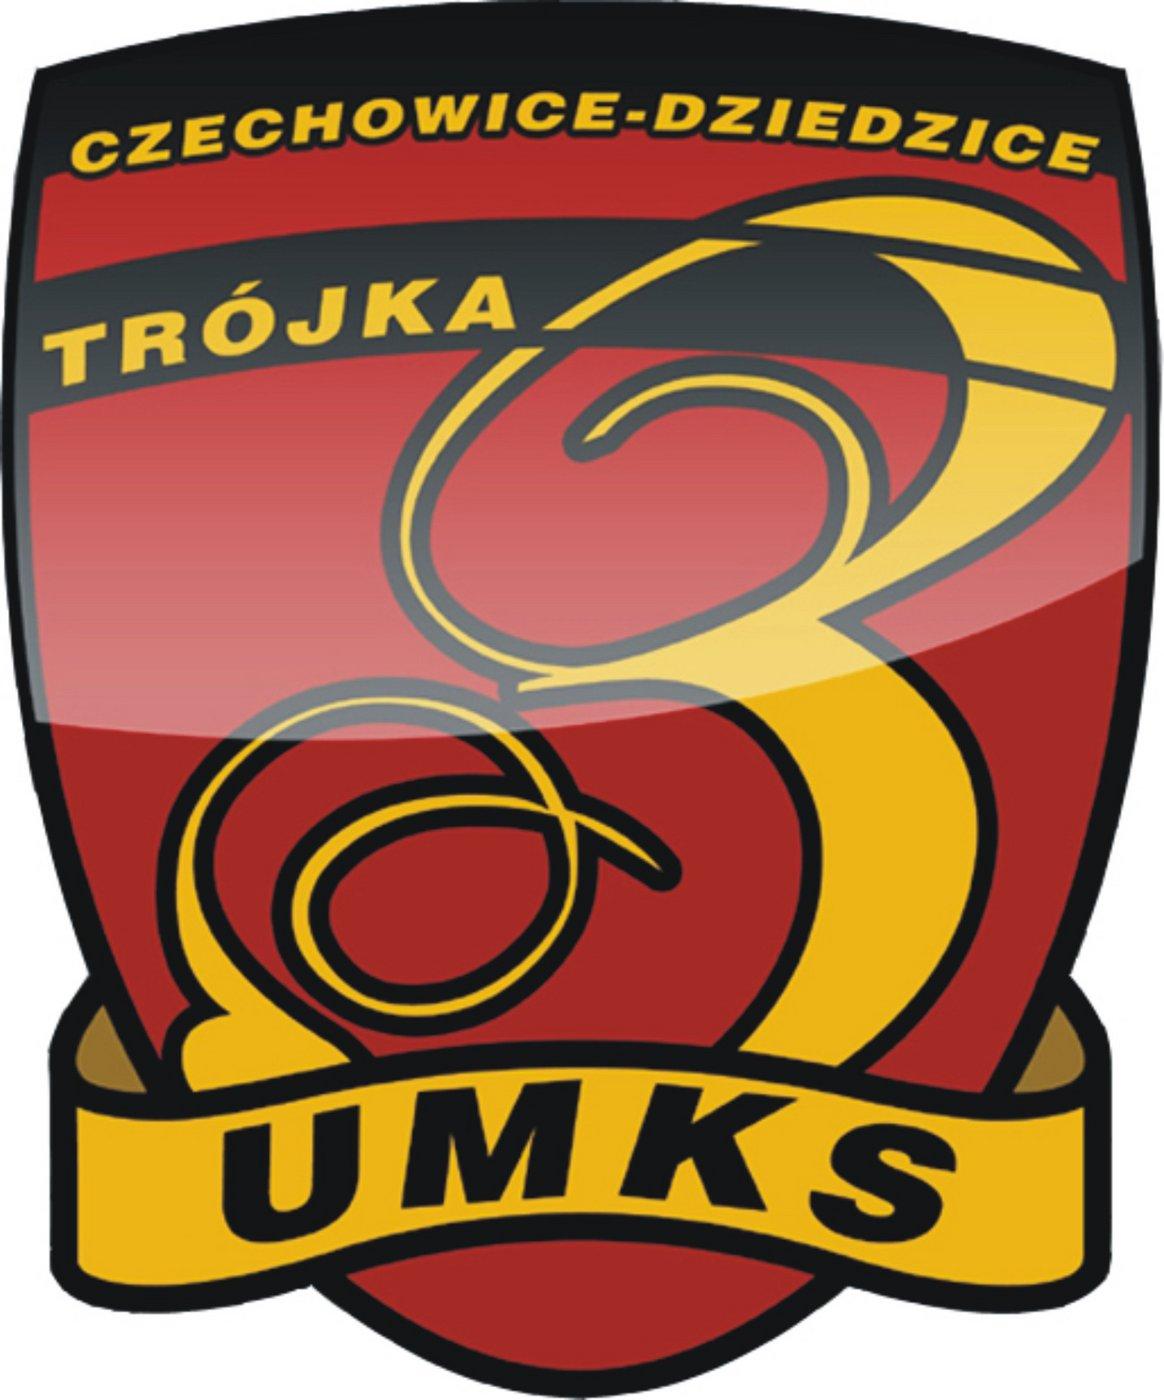 UMKS Trójka Czechowice-Dziedzice